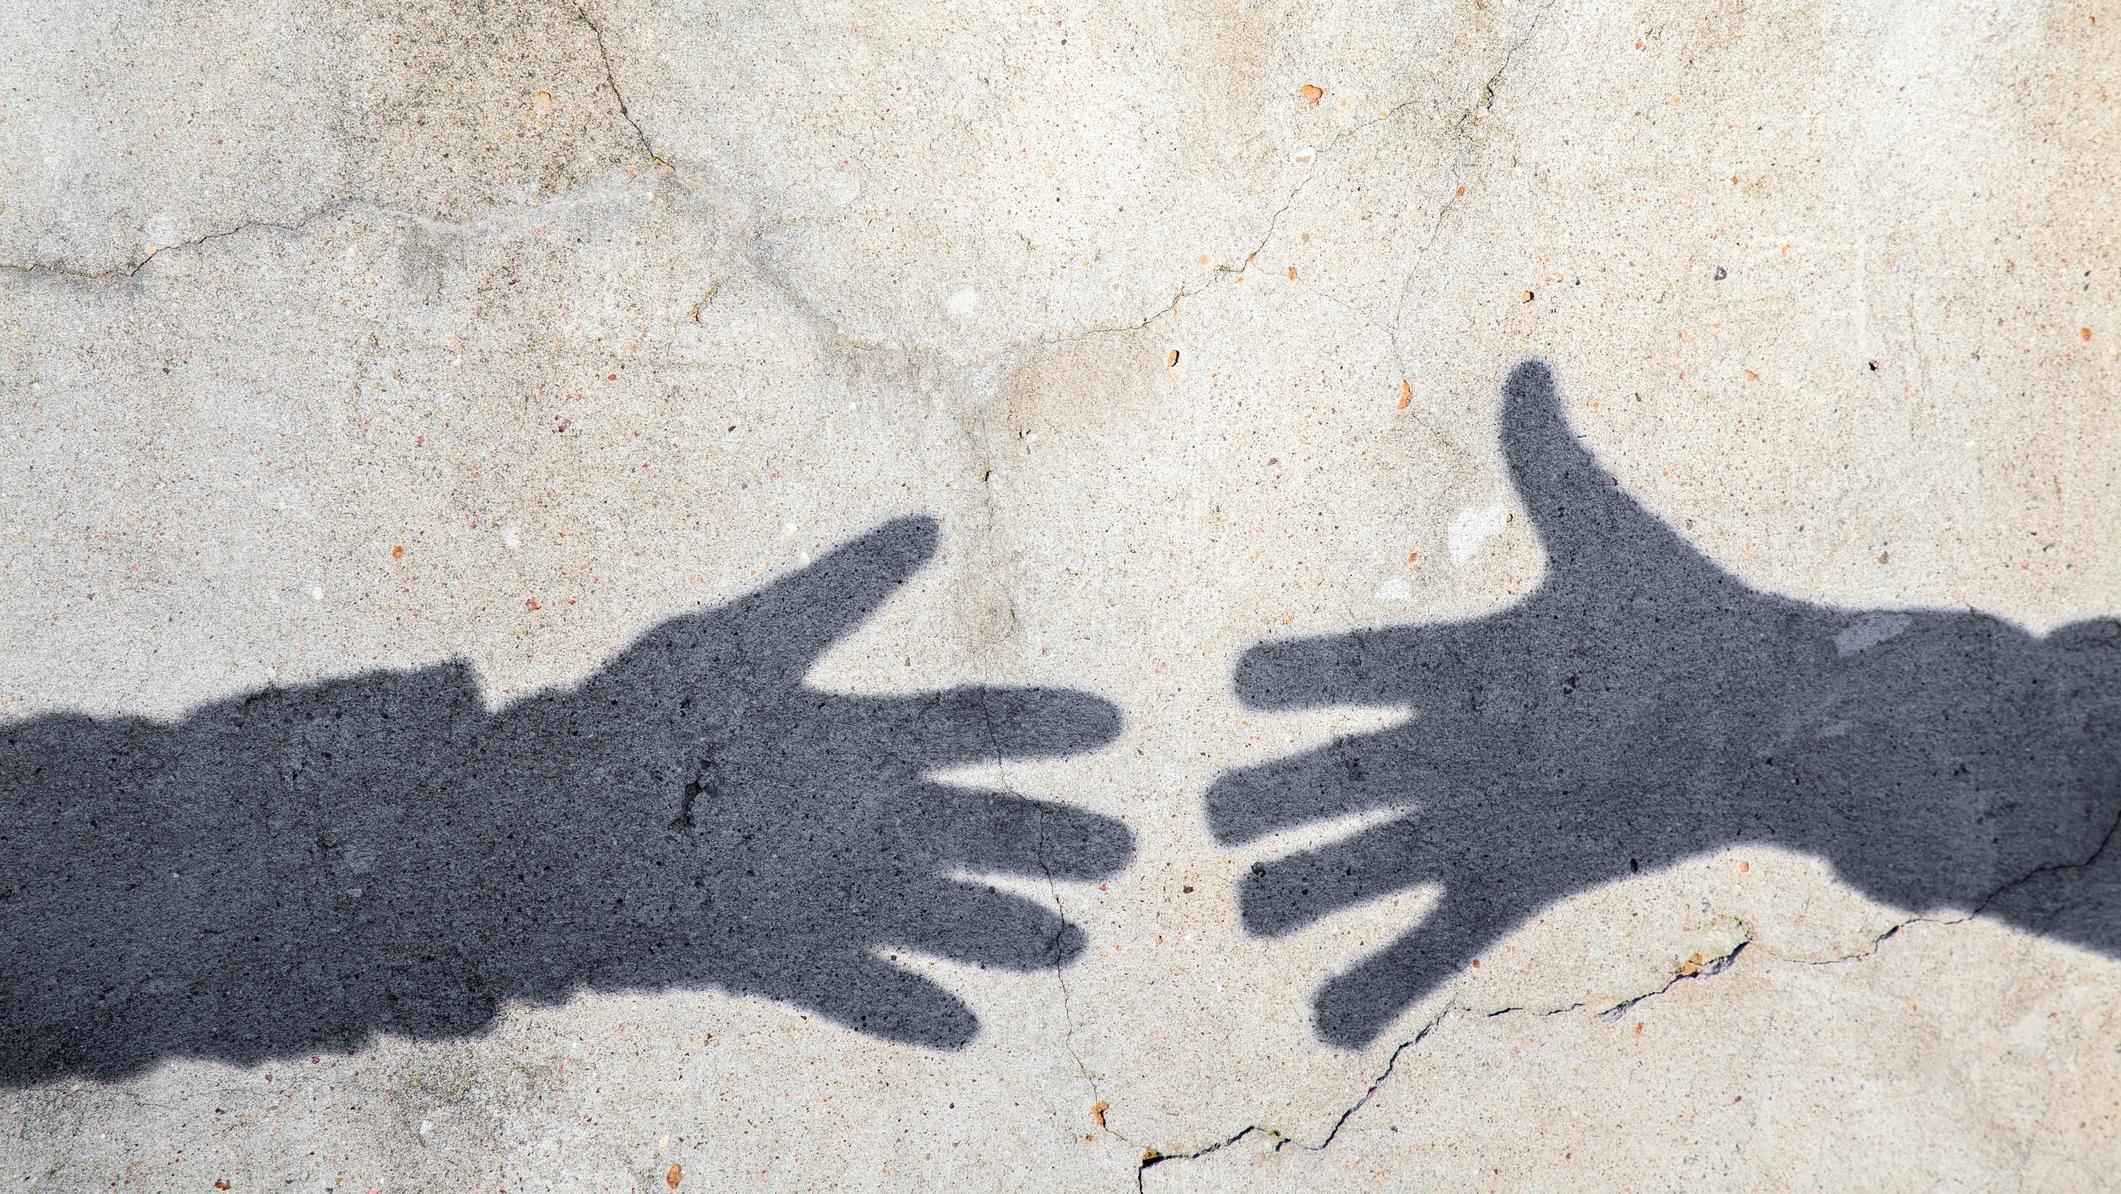 Árnyékok, kézfogás